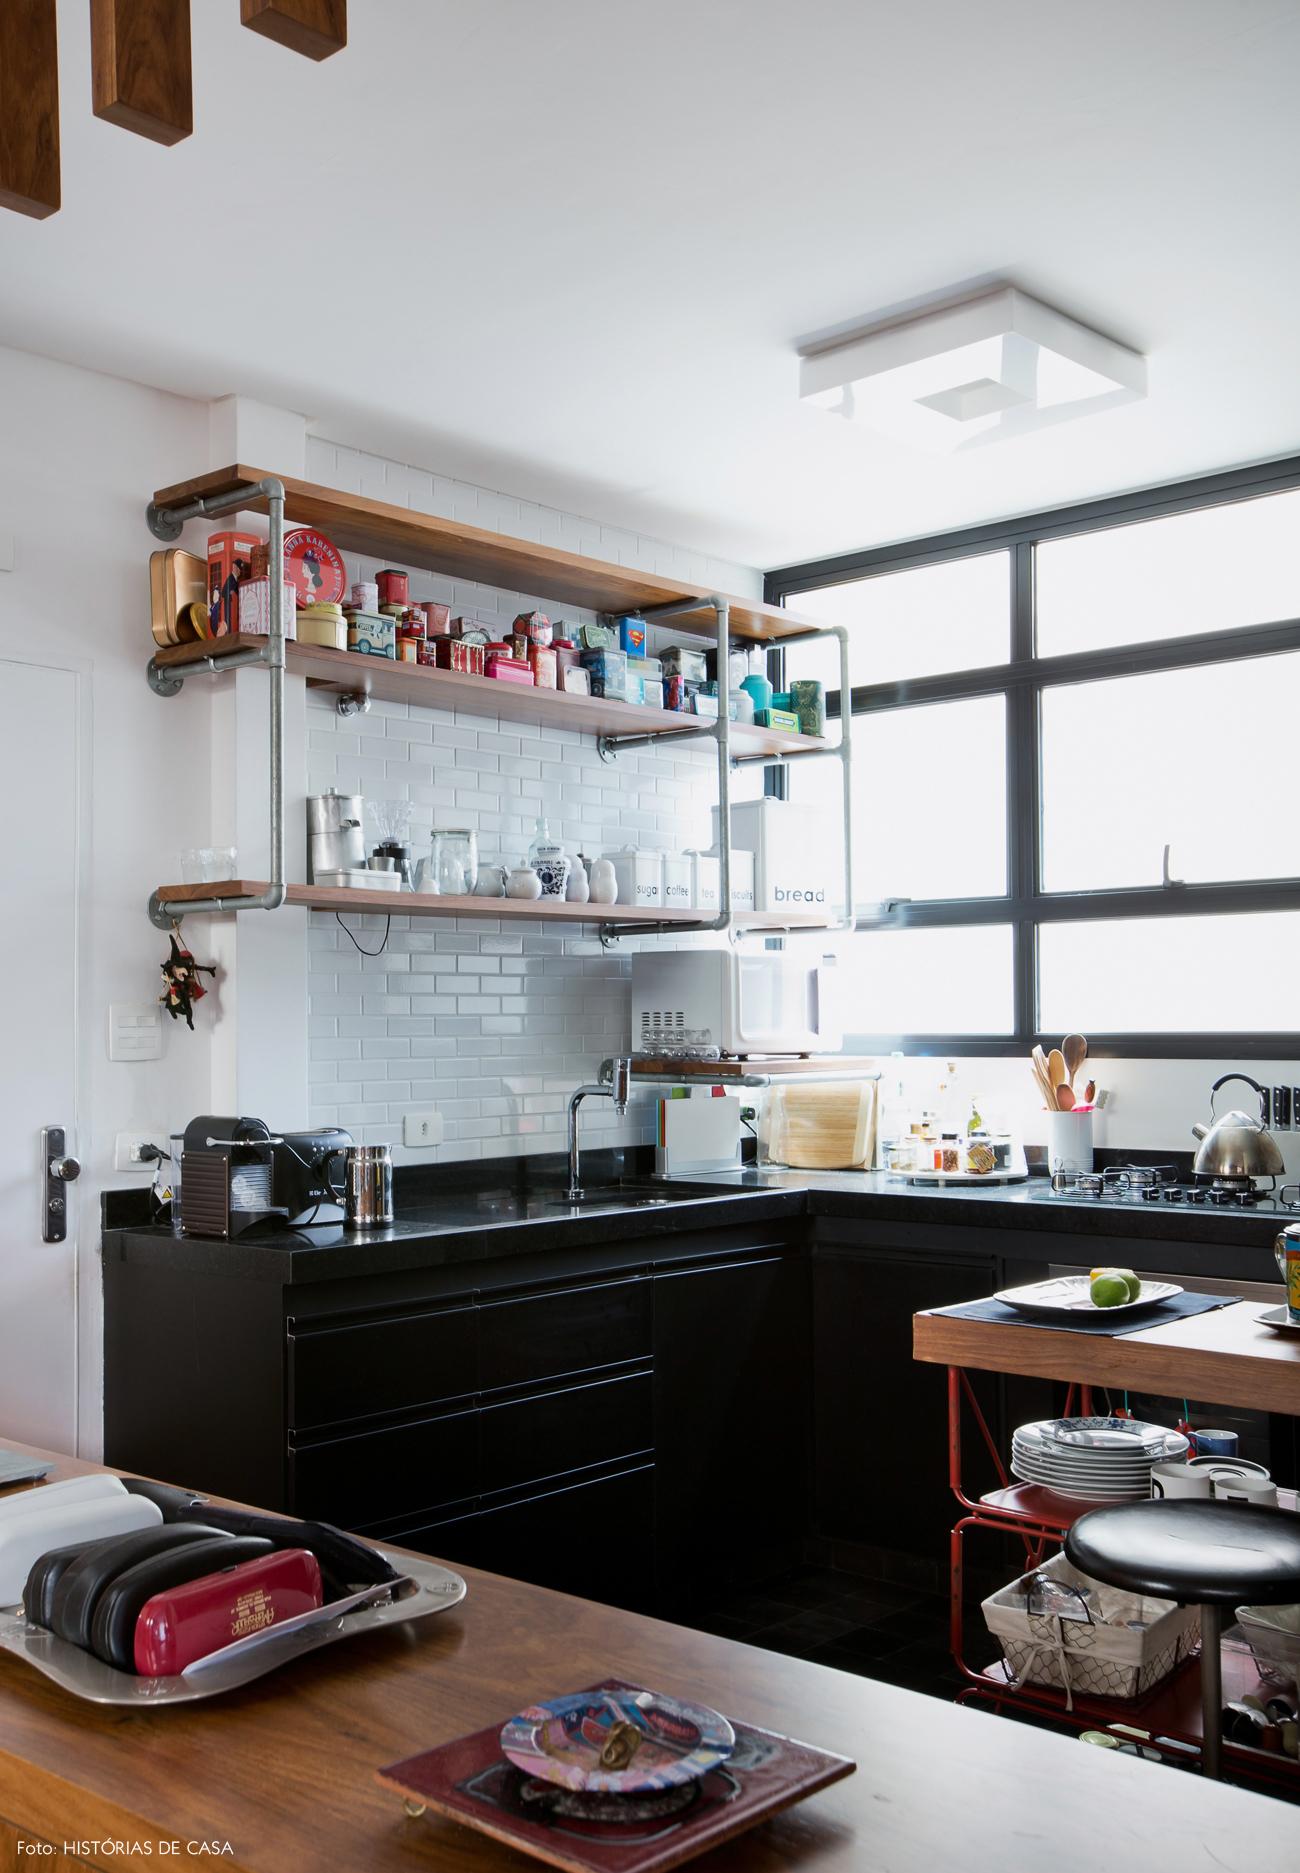 29-decoracao-cozinha-integrada-subway-tiles-brancos-estante-canos